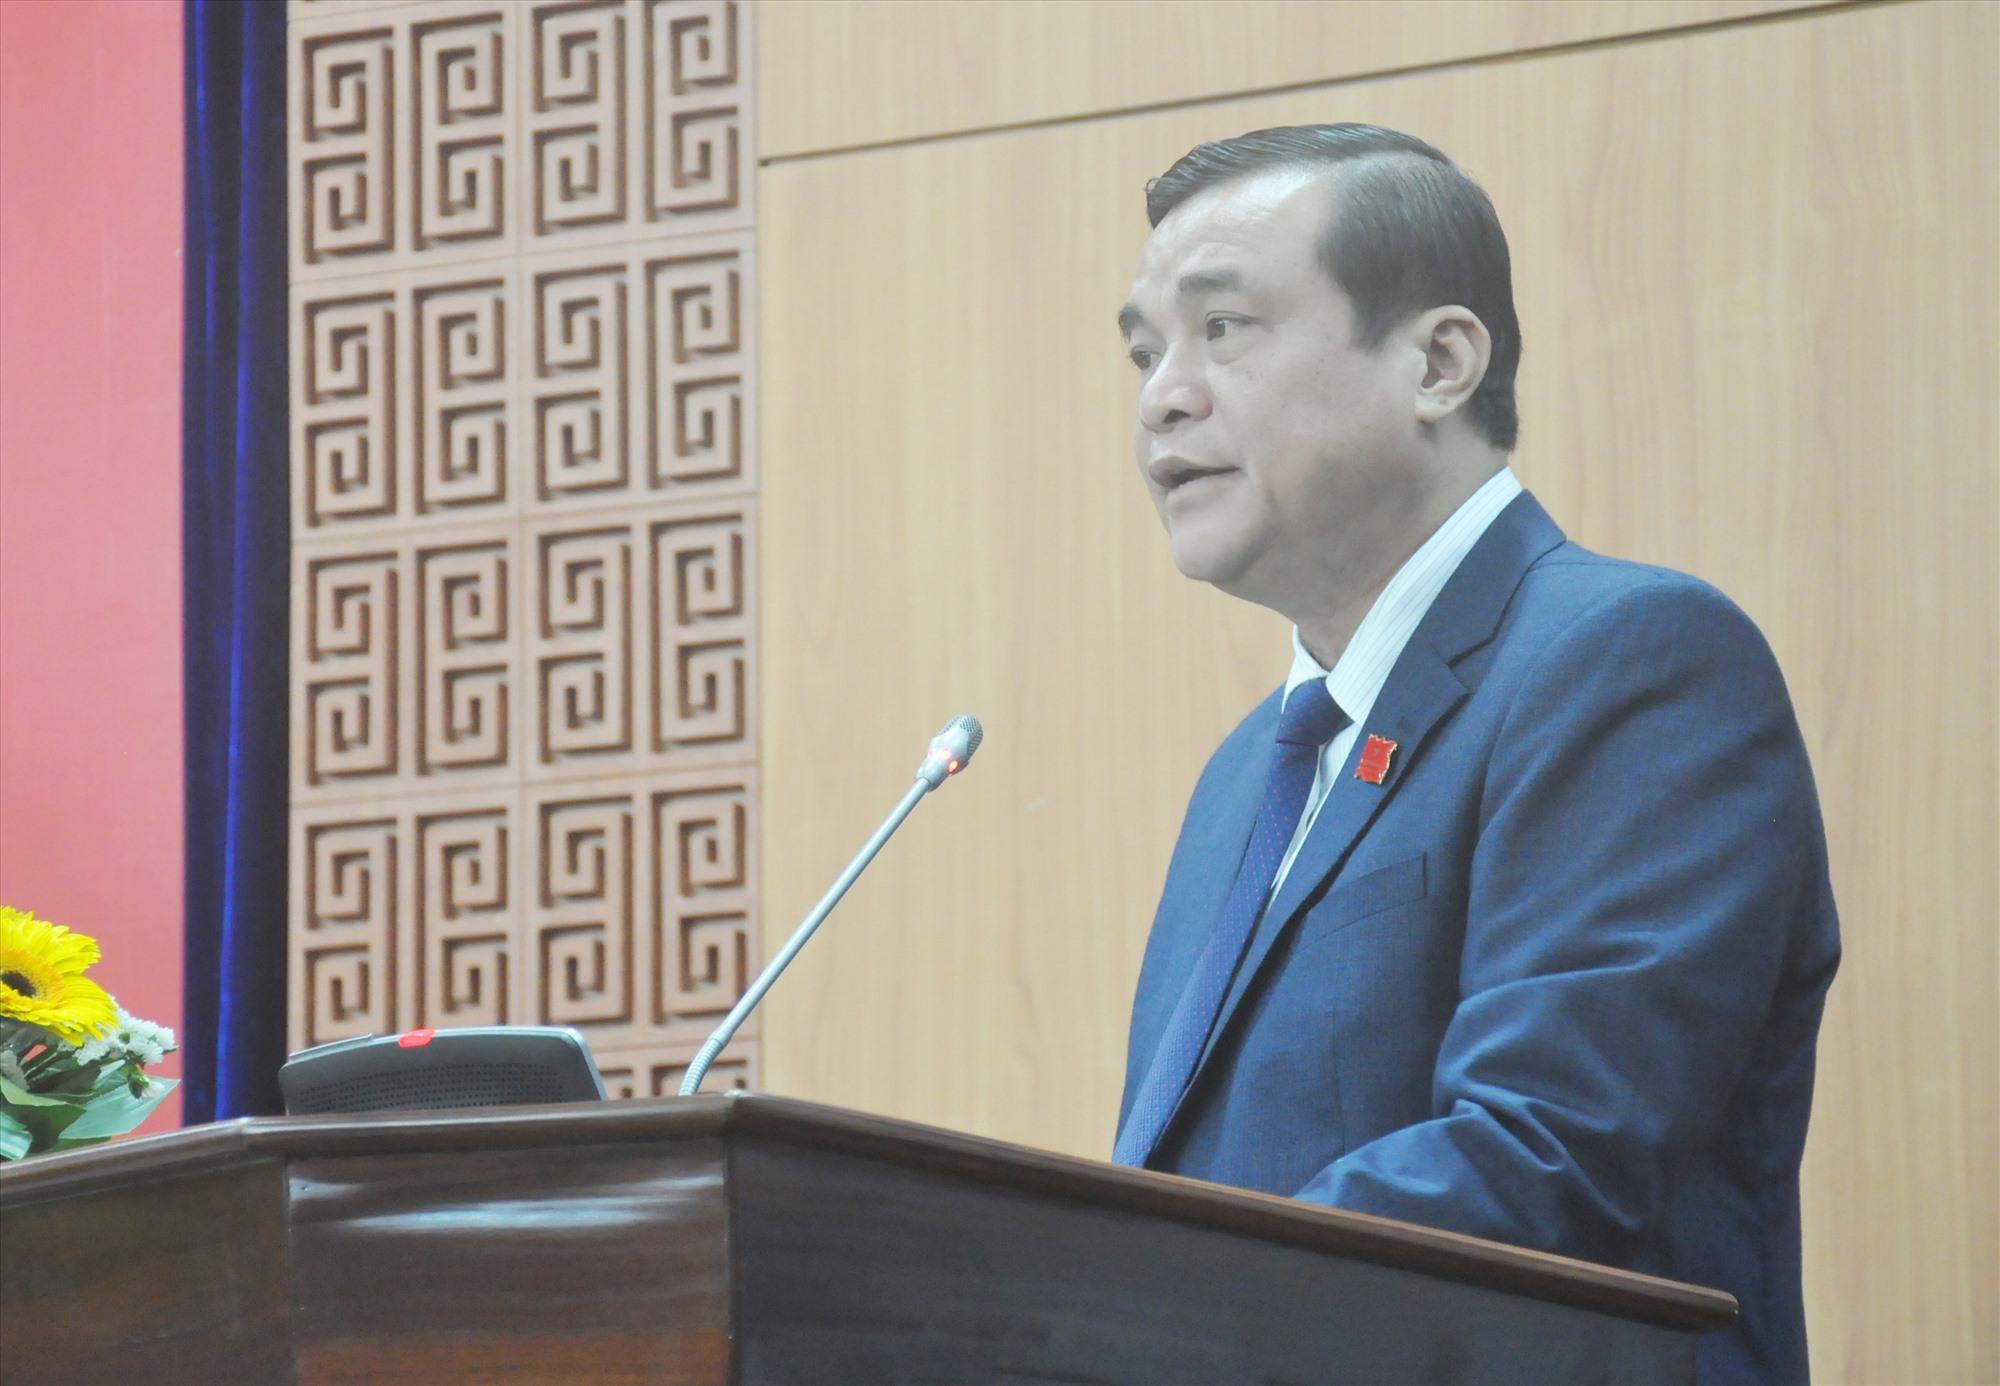 Bí thư Tỉnh ủy, Chủ tịch HĐND tỉnh Phan Việt Cường phát biểu khai mạc Kỳ họp thứ 18. Ảnh: N.Đ